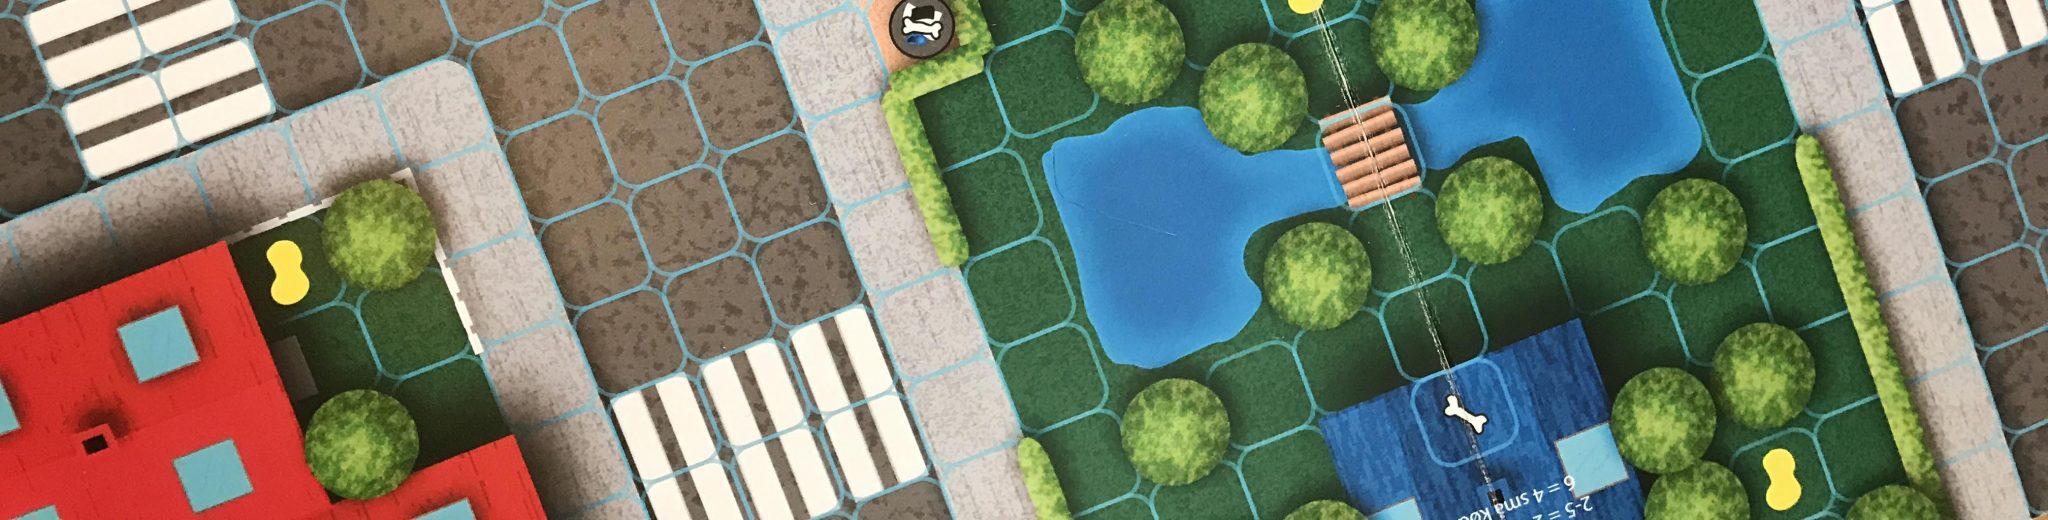 HundeSpilletNewBoard_cropped hundespillet